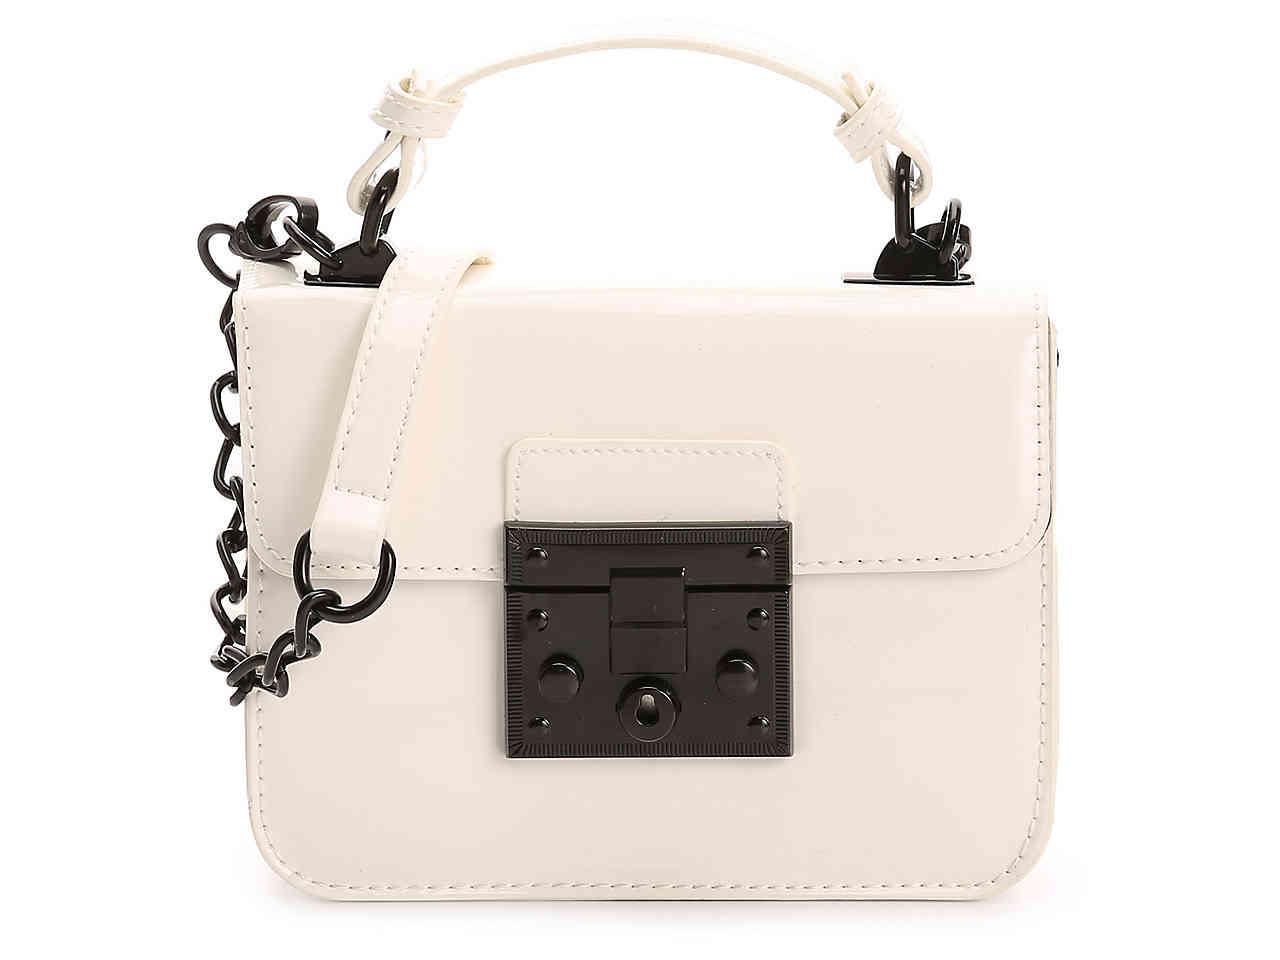 ef02e3917f2 Steve Madden White Bellen Crossbody Bag